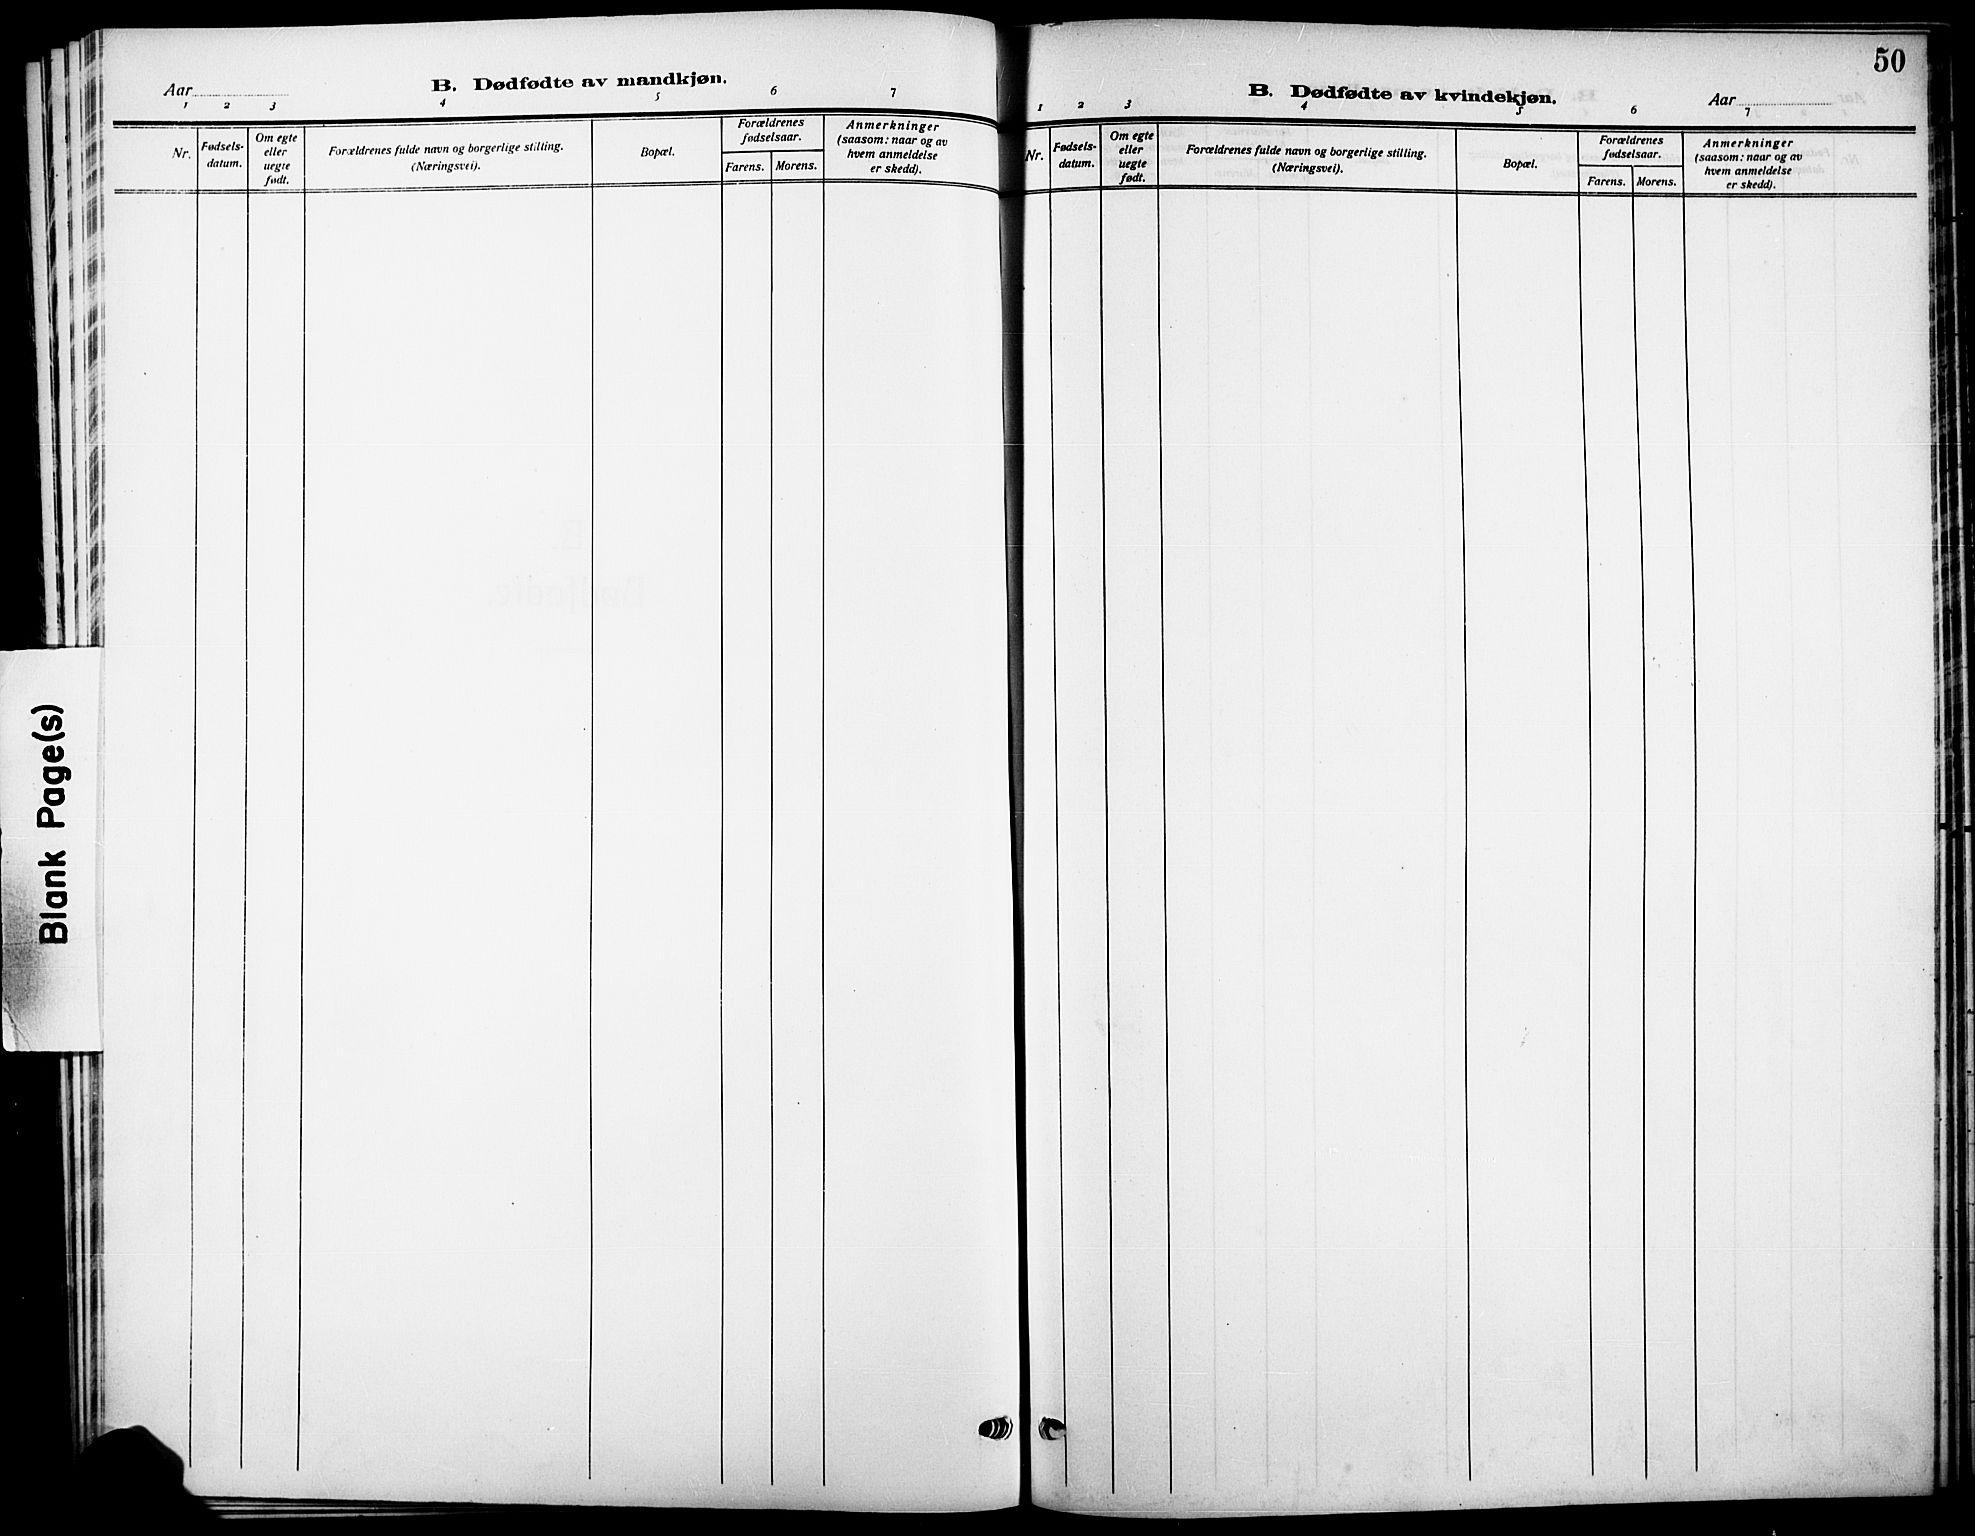 SAKO, Skåtøy kirkebøker, G/Ga/L0005: Klokkerbok nr. I 5, 1915-1925, s. 50